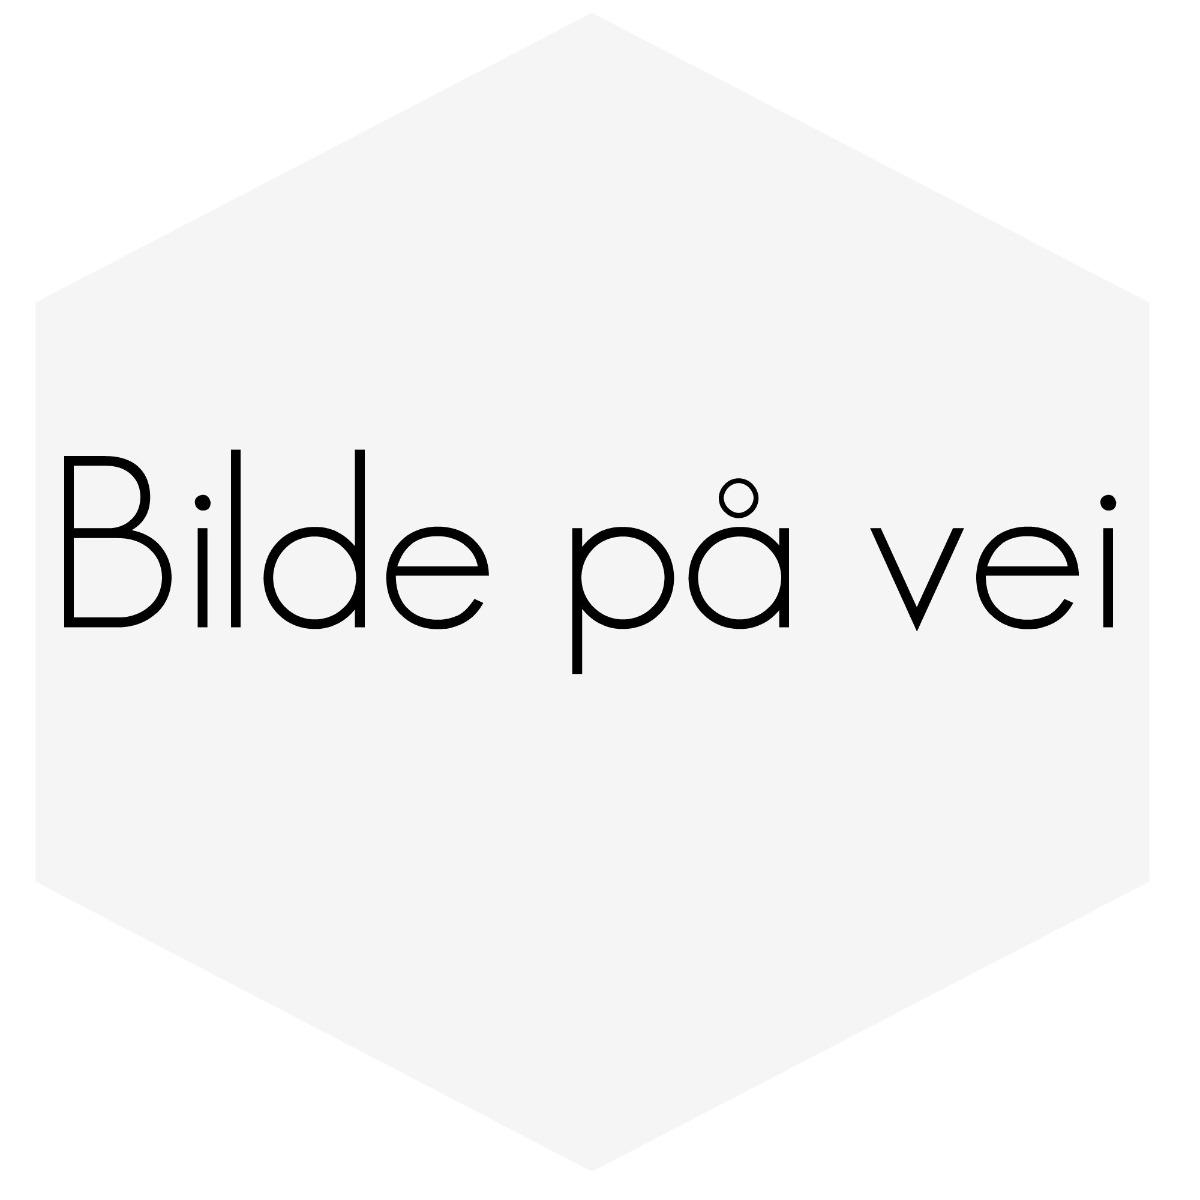 SLAVESYLINDER CLUSH 7/900 Ø22,22 1205733  org kvalitet